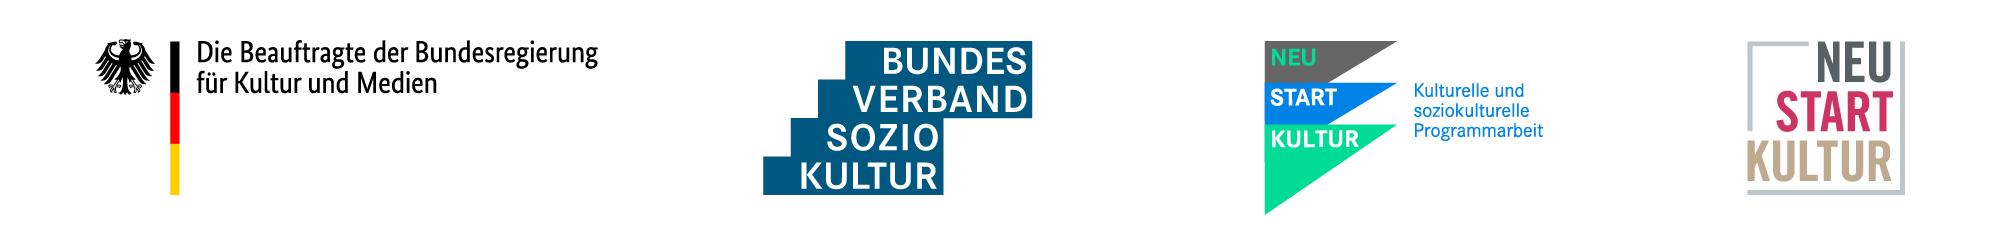 Neustart Kultur Förderung für den Lindenpark